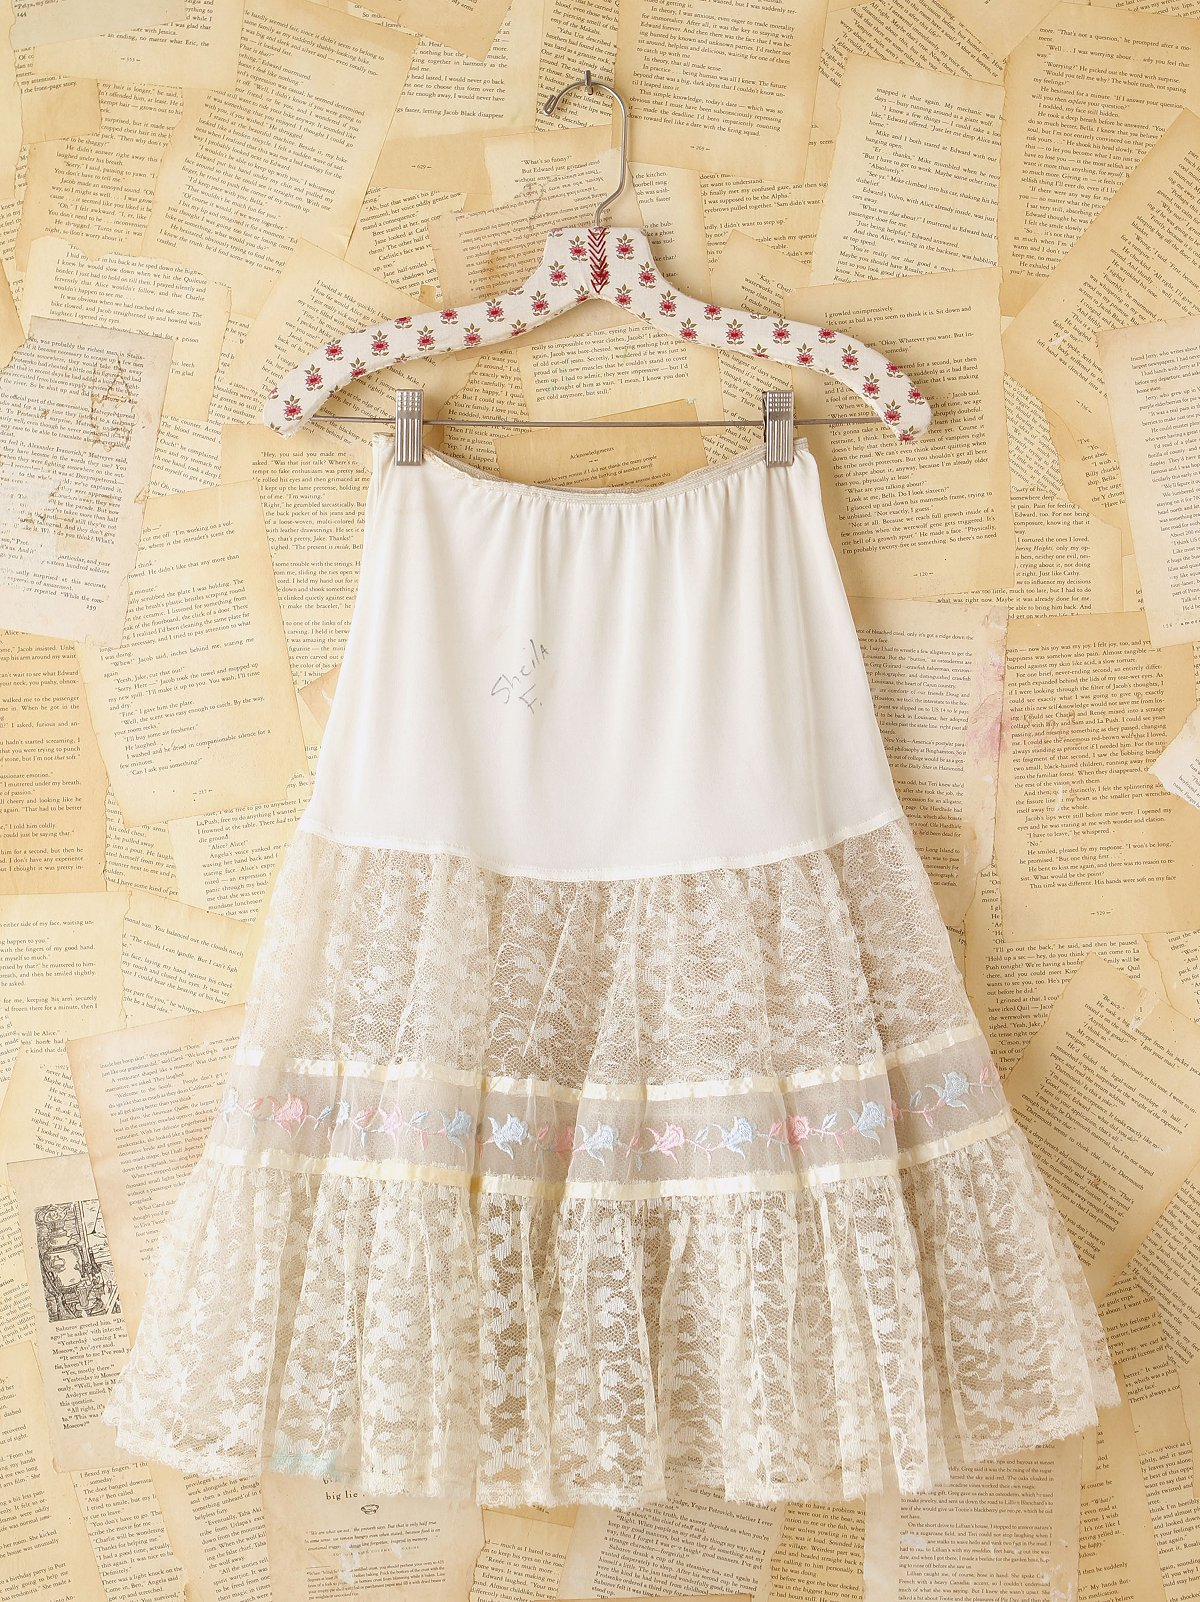 Vintage White Tulle Skirt